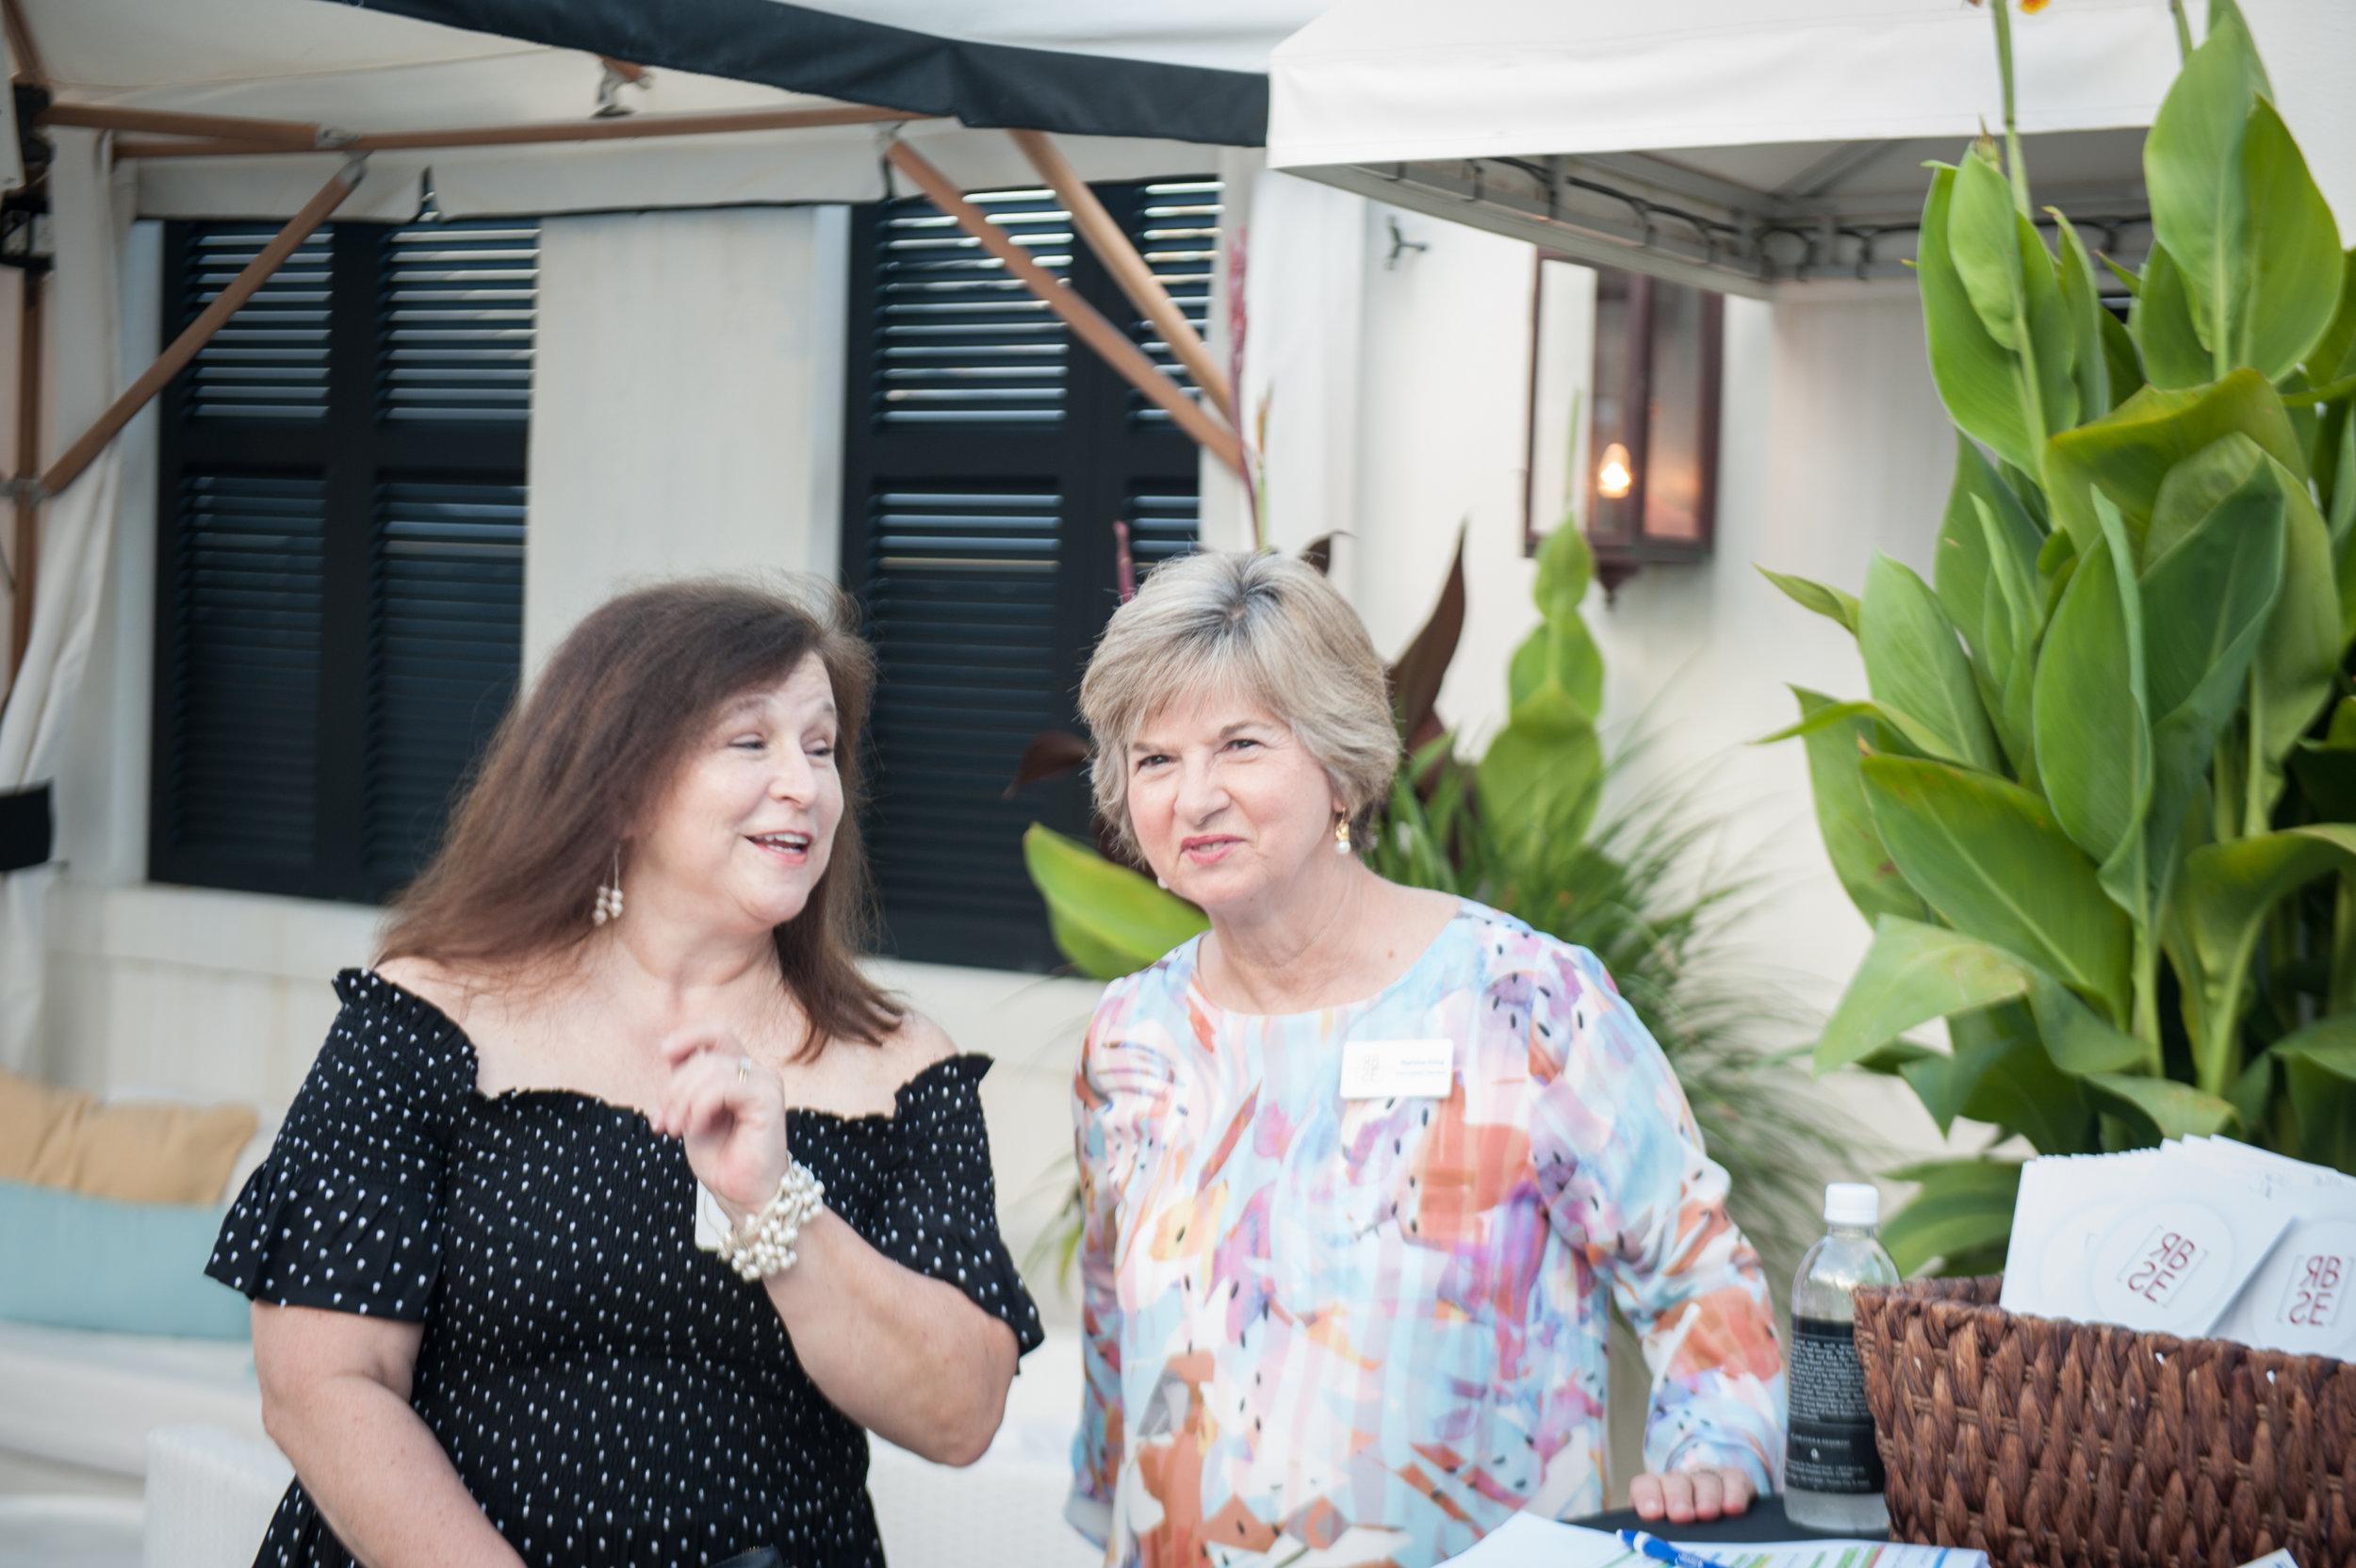 DSC_0063 Roseanne and Marsha.jpg